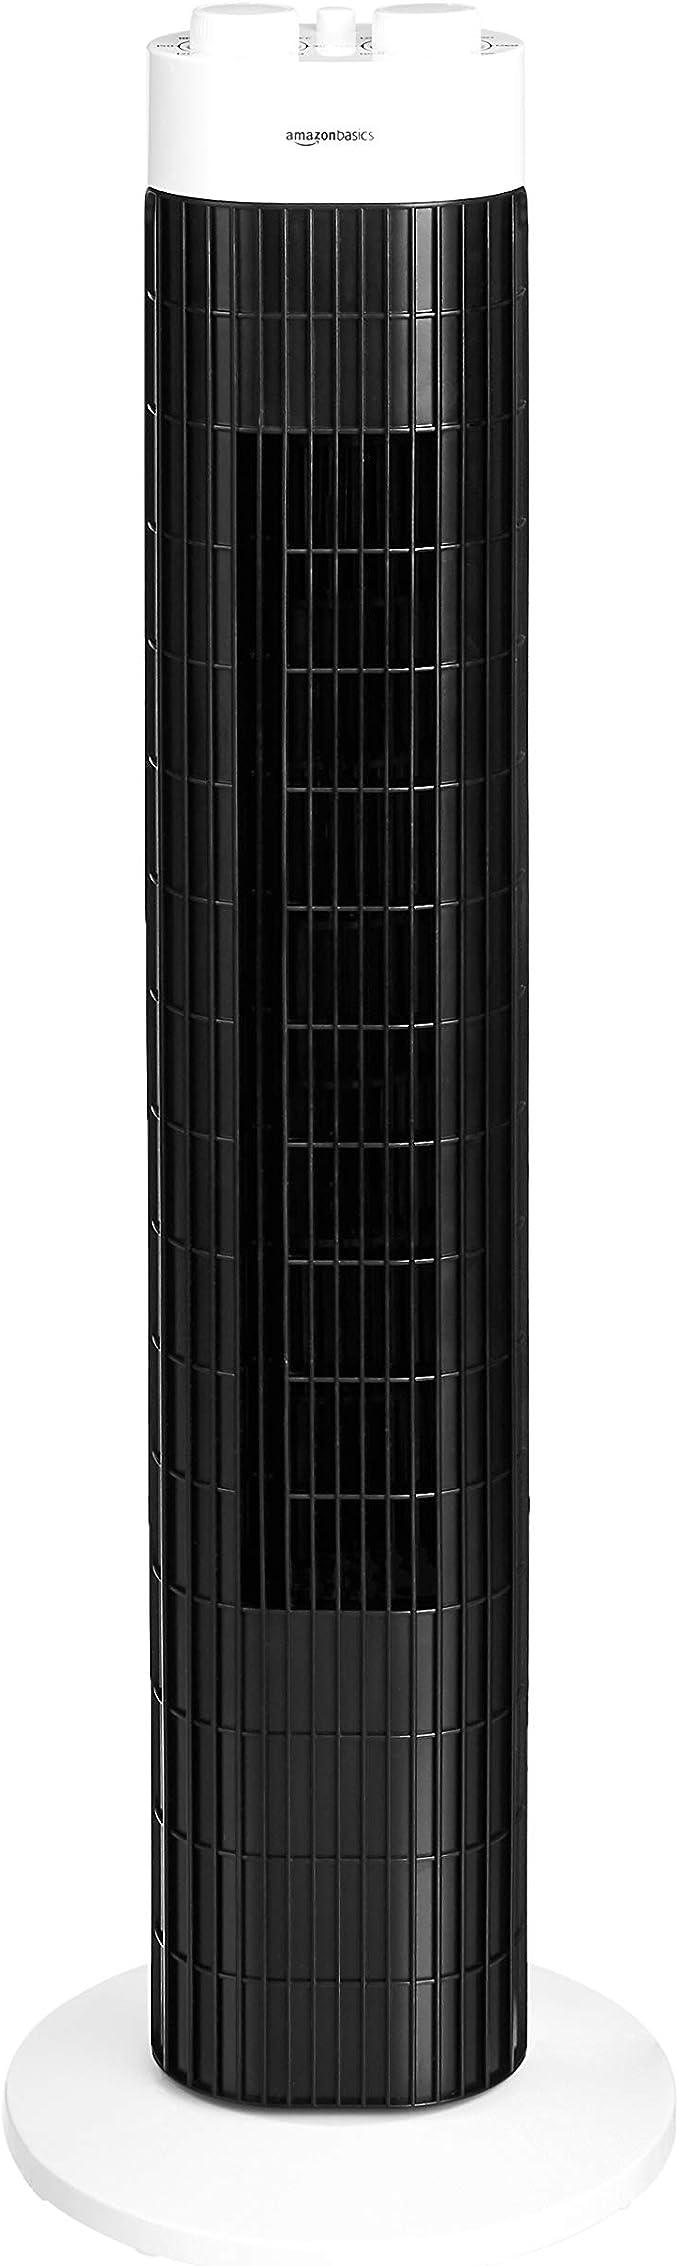 AmazonBasics - Ventilador de columna portátil oscilante con 3 ...